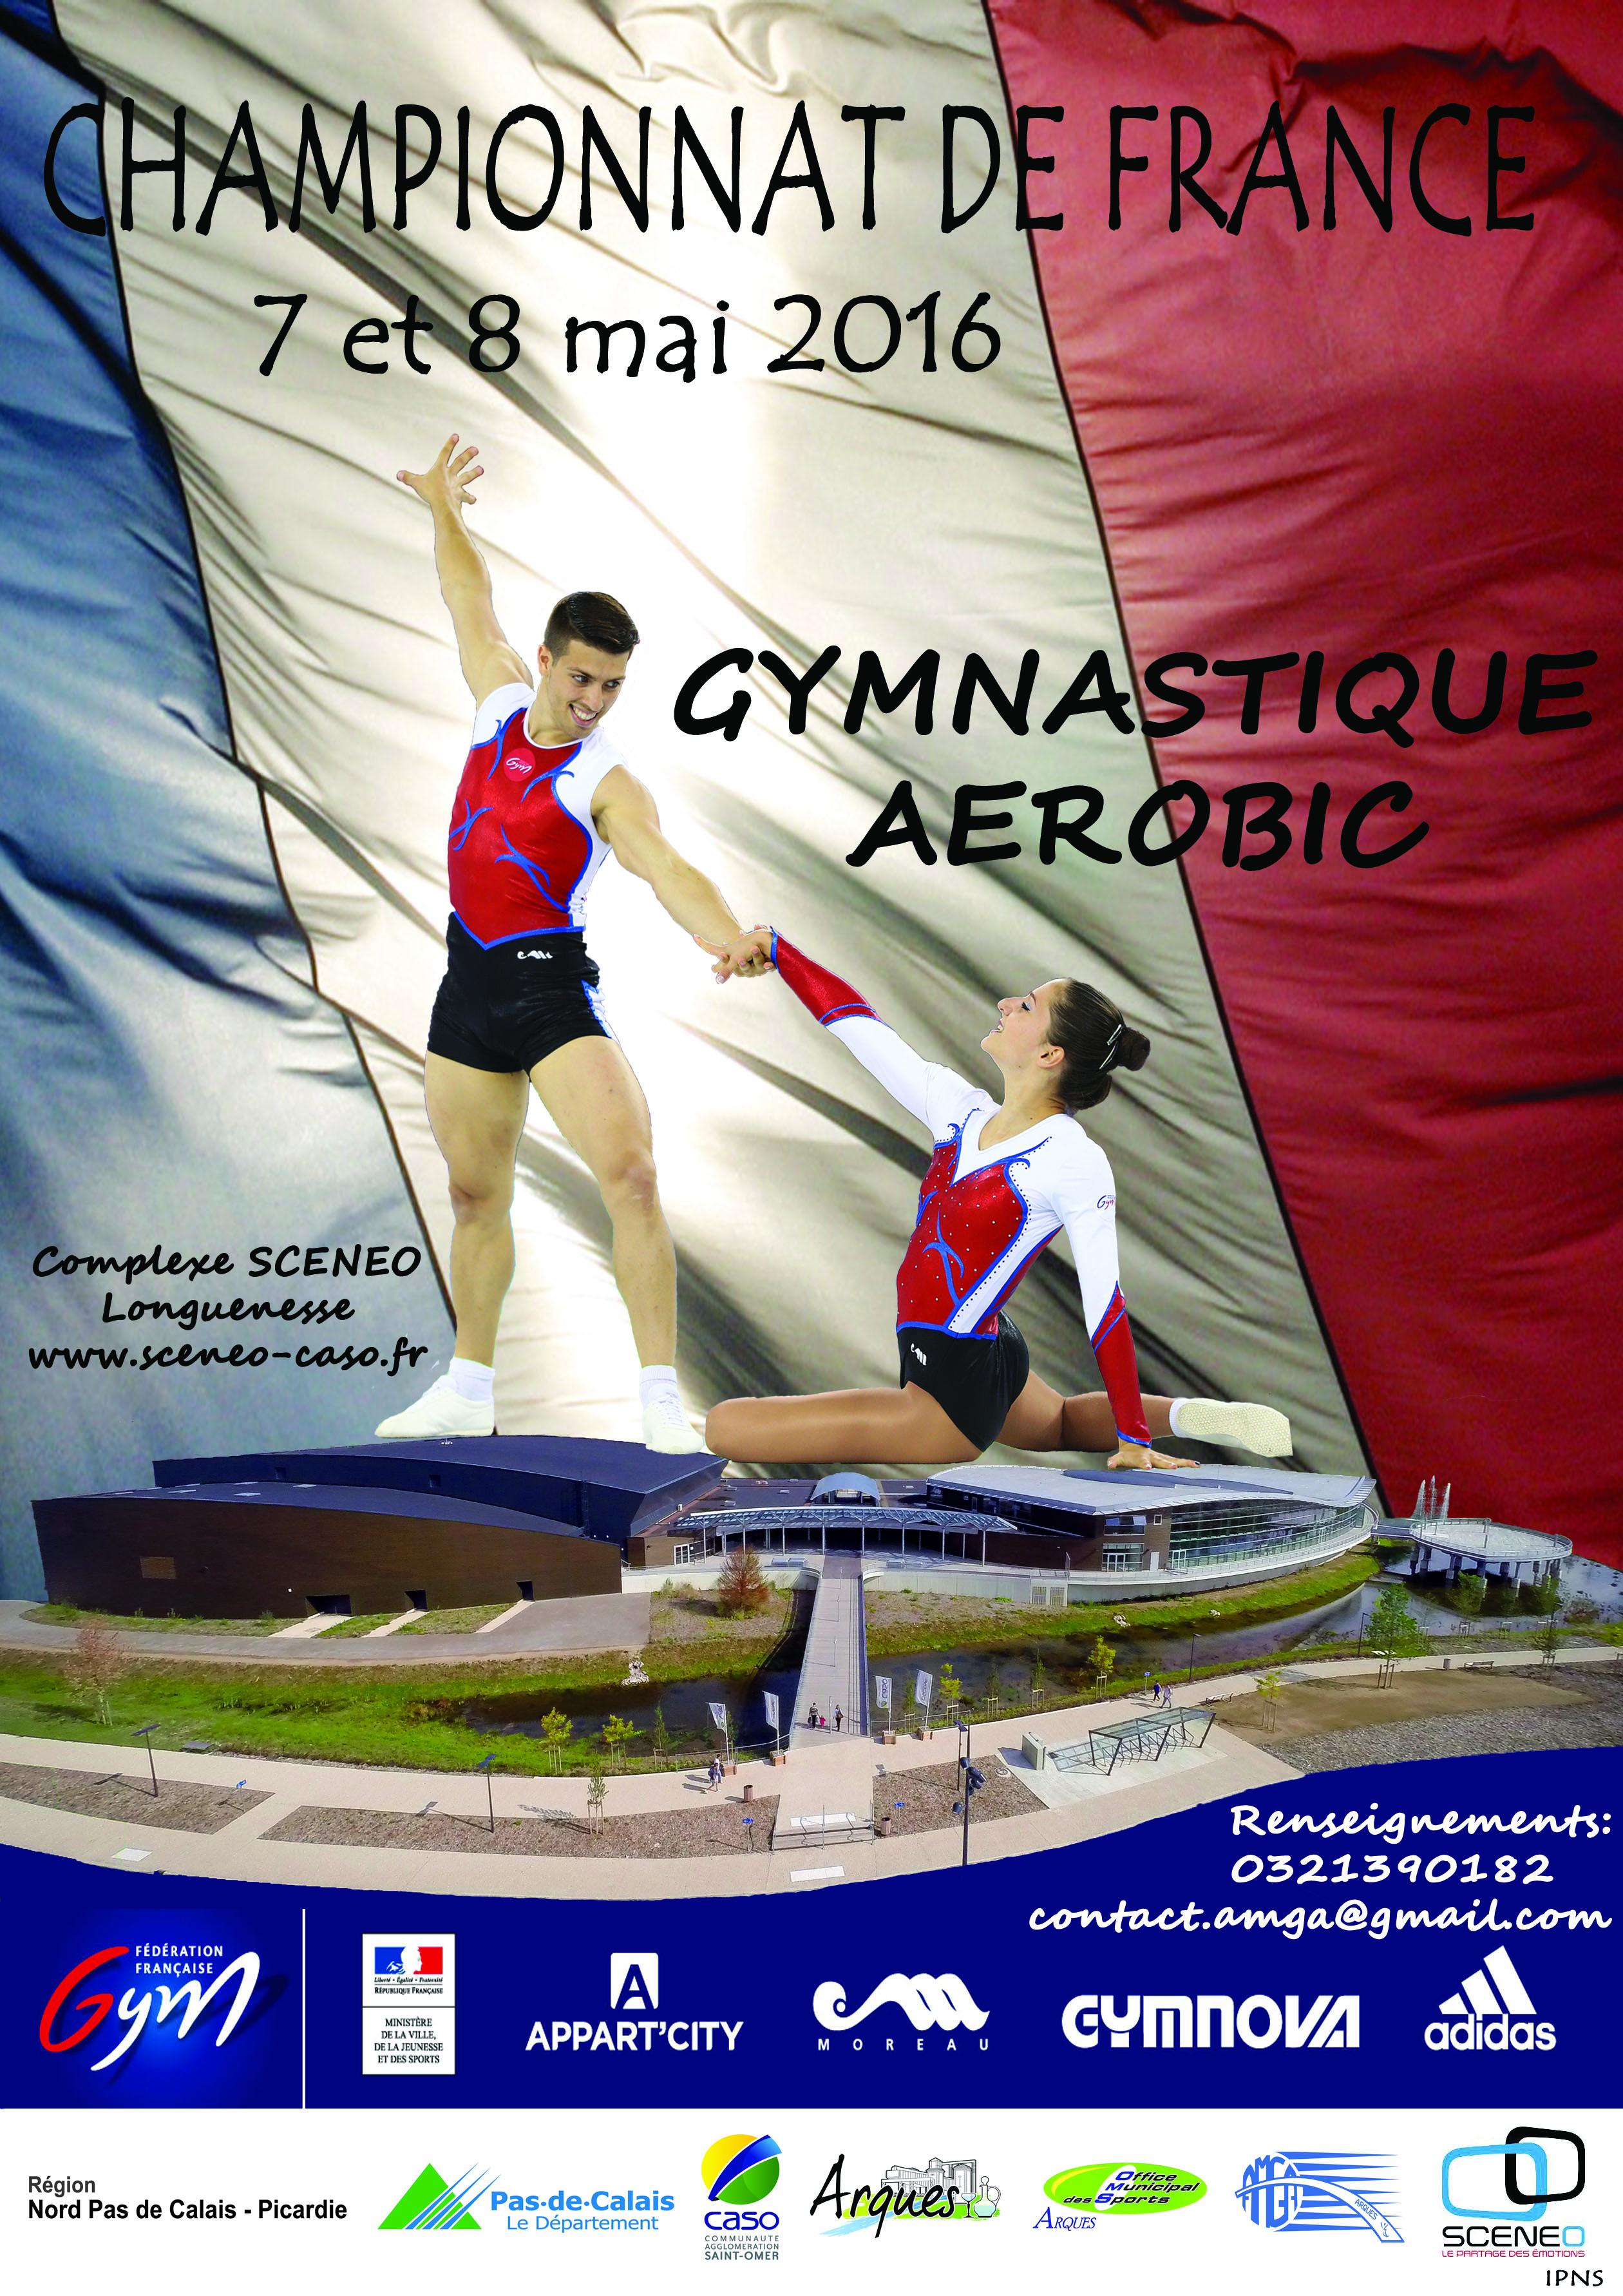 Championnat de France de Gymnastique Aérobic 7-8 mai 2016